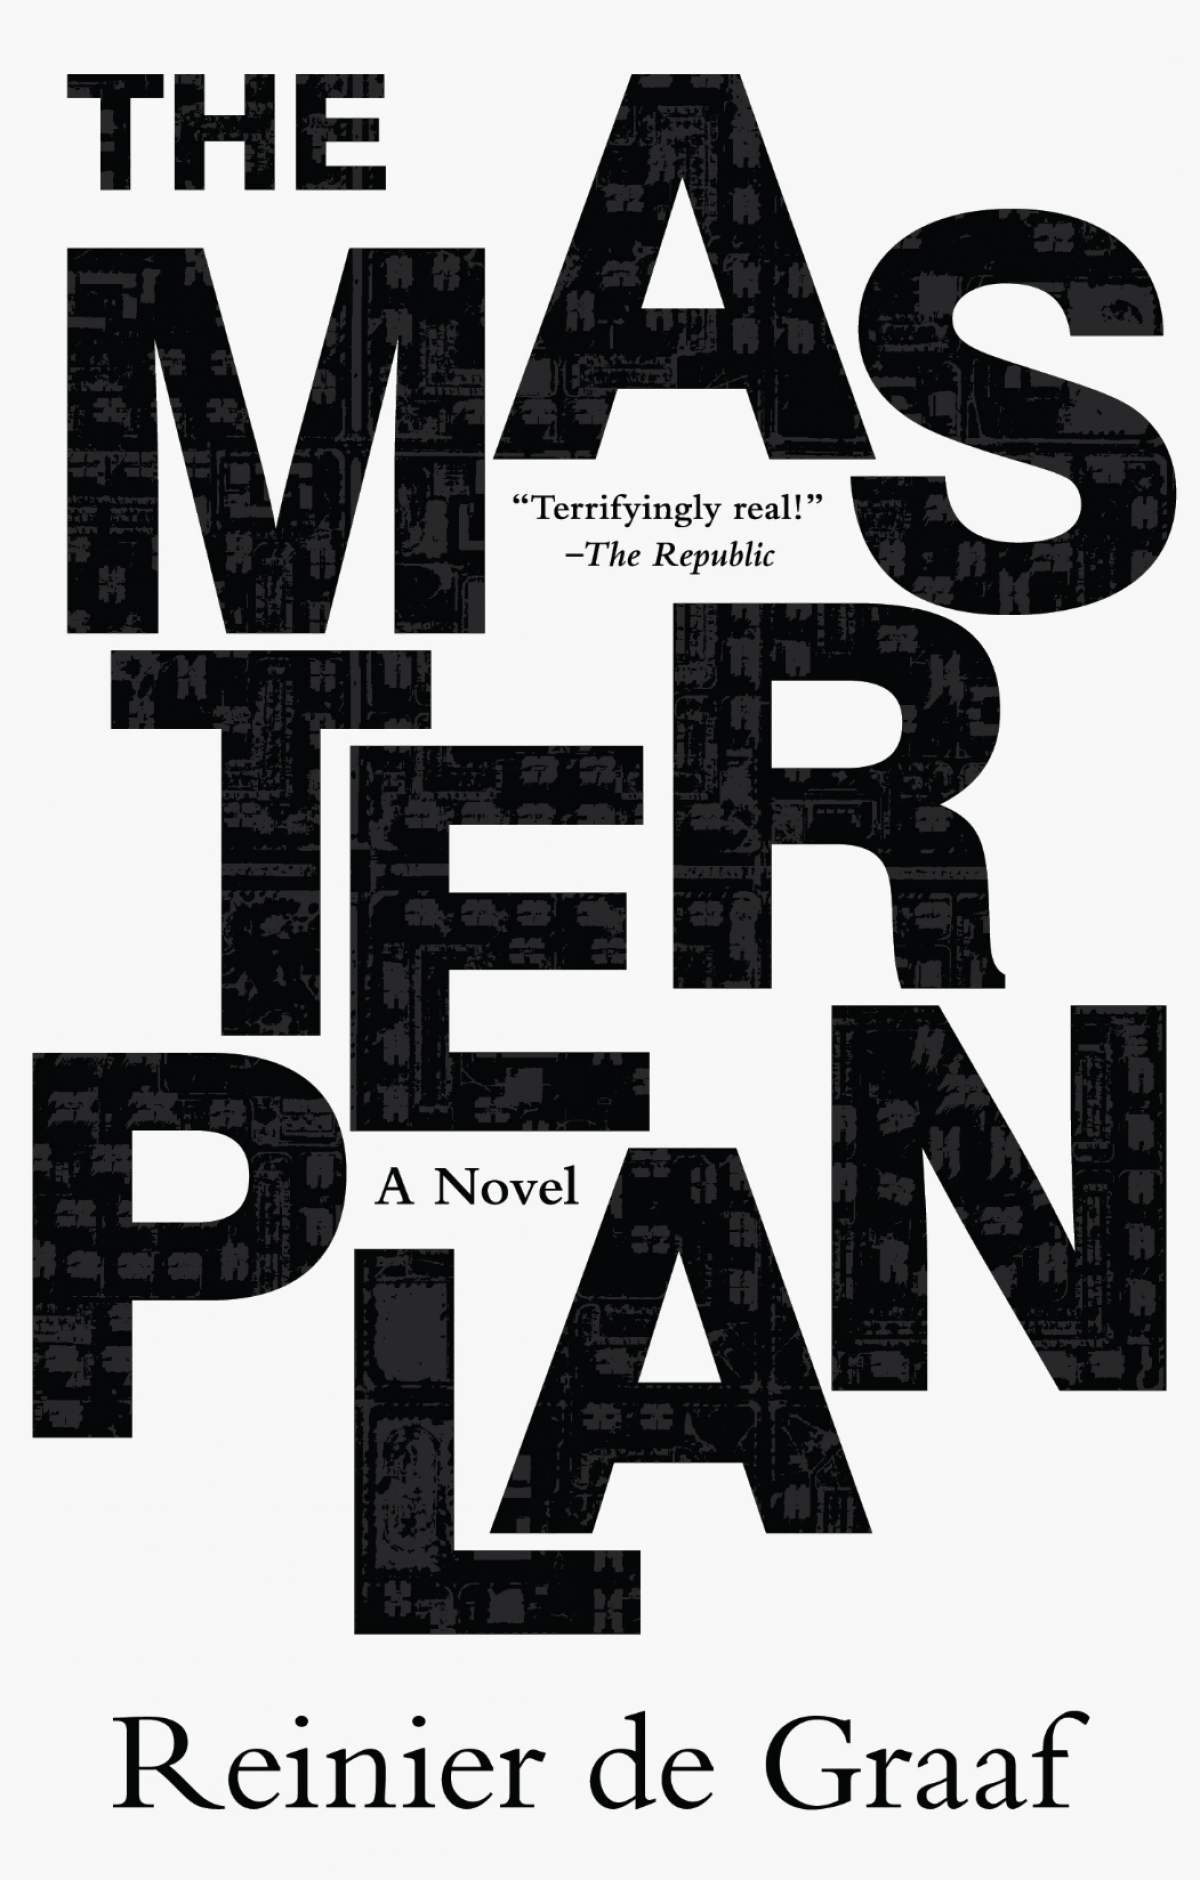 'The Masterplan' by Reinier de Graaf: Dezeen talk